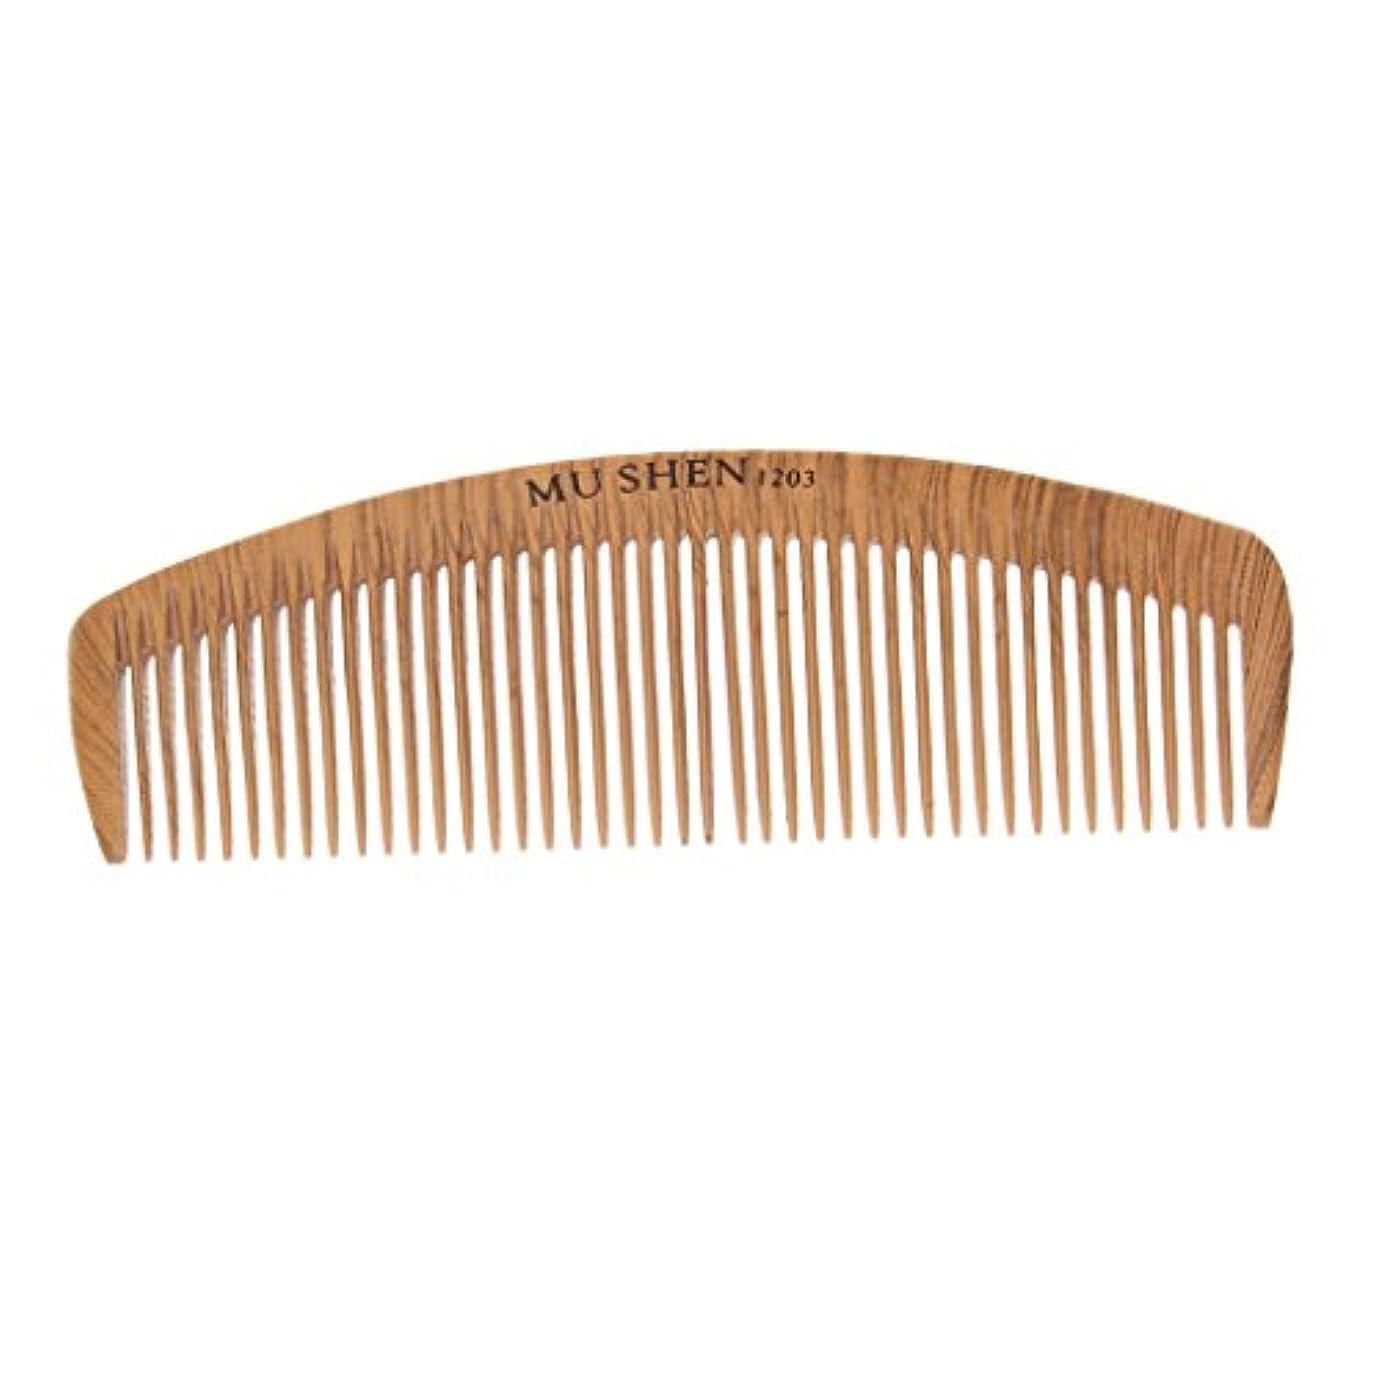 やけど防止追い越す帯電防止ウッドサロン床屋ヘアスタイリング理髪切削くしヘアブラシ - 1203